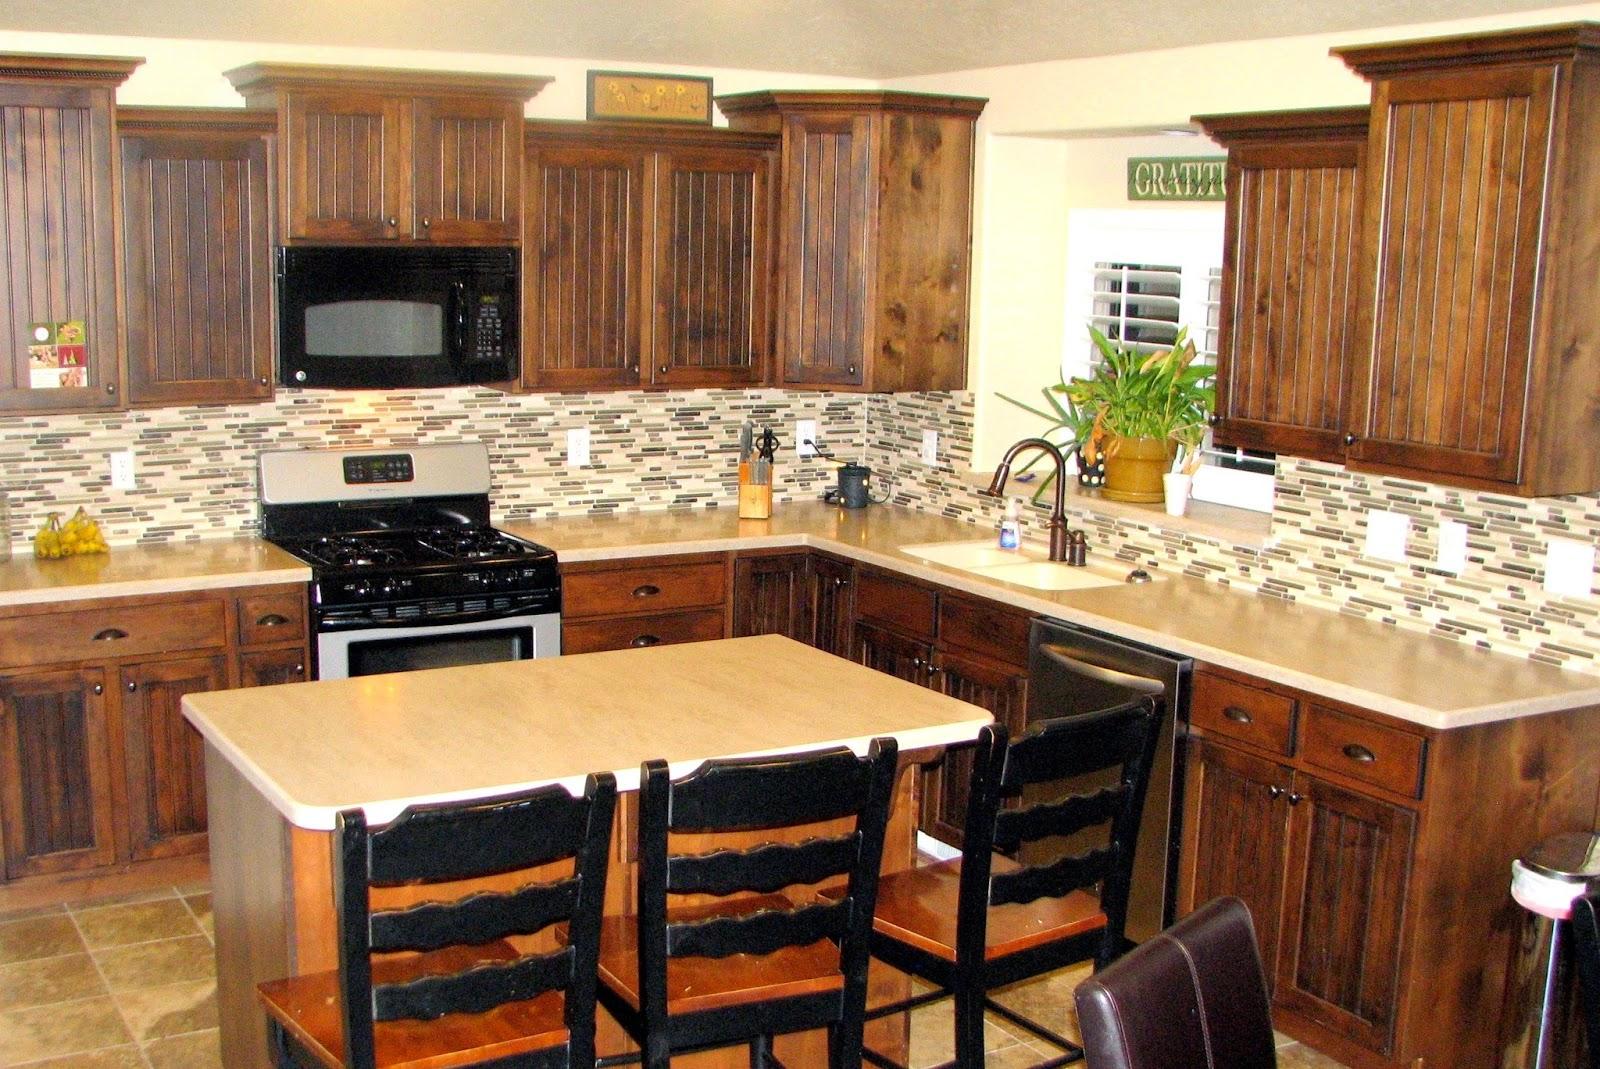 Backyard Landscaping Kitchen Tile Backsplash Lowes